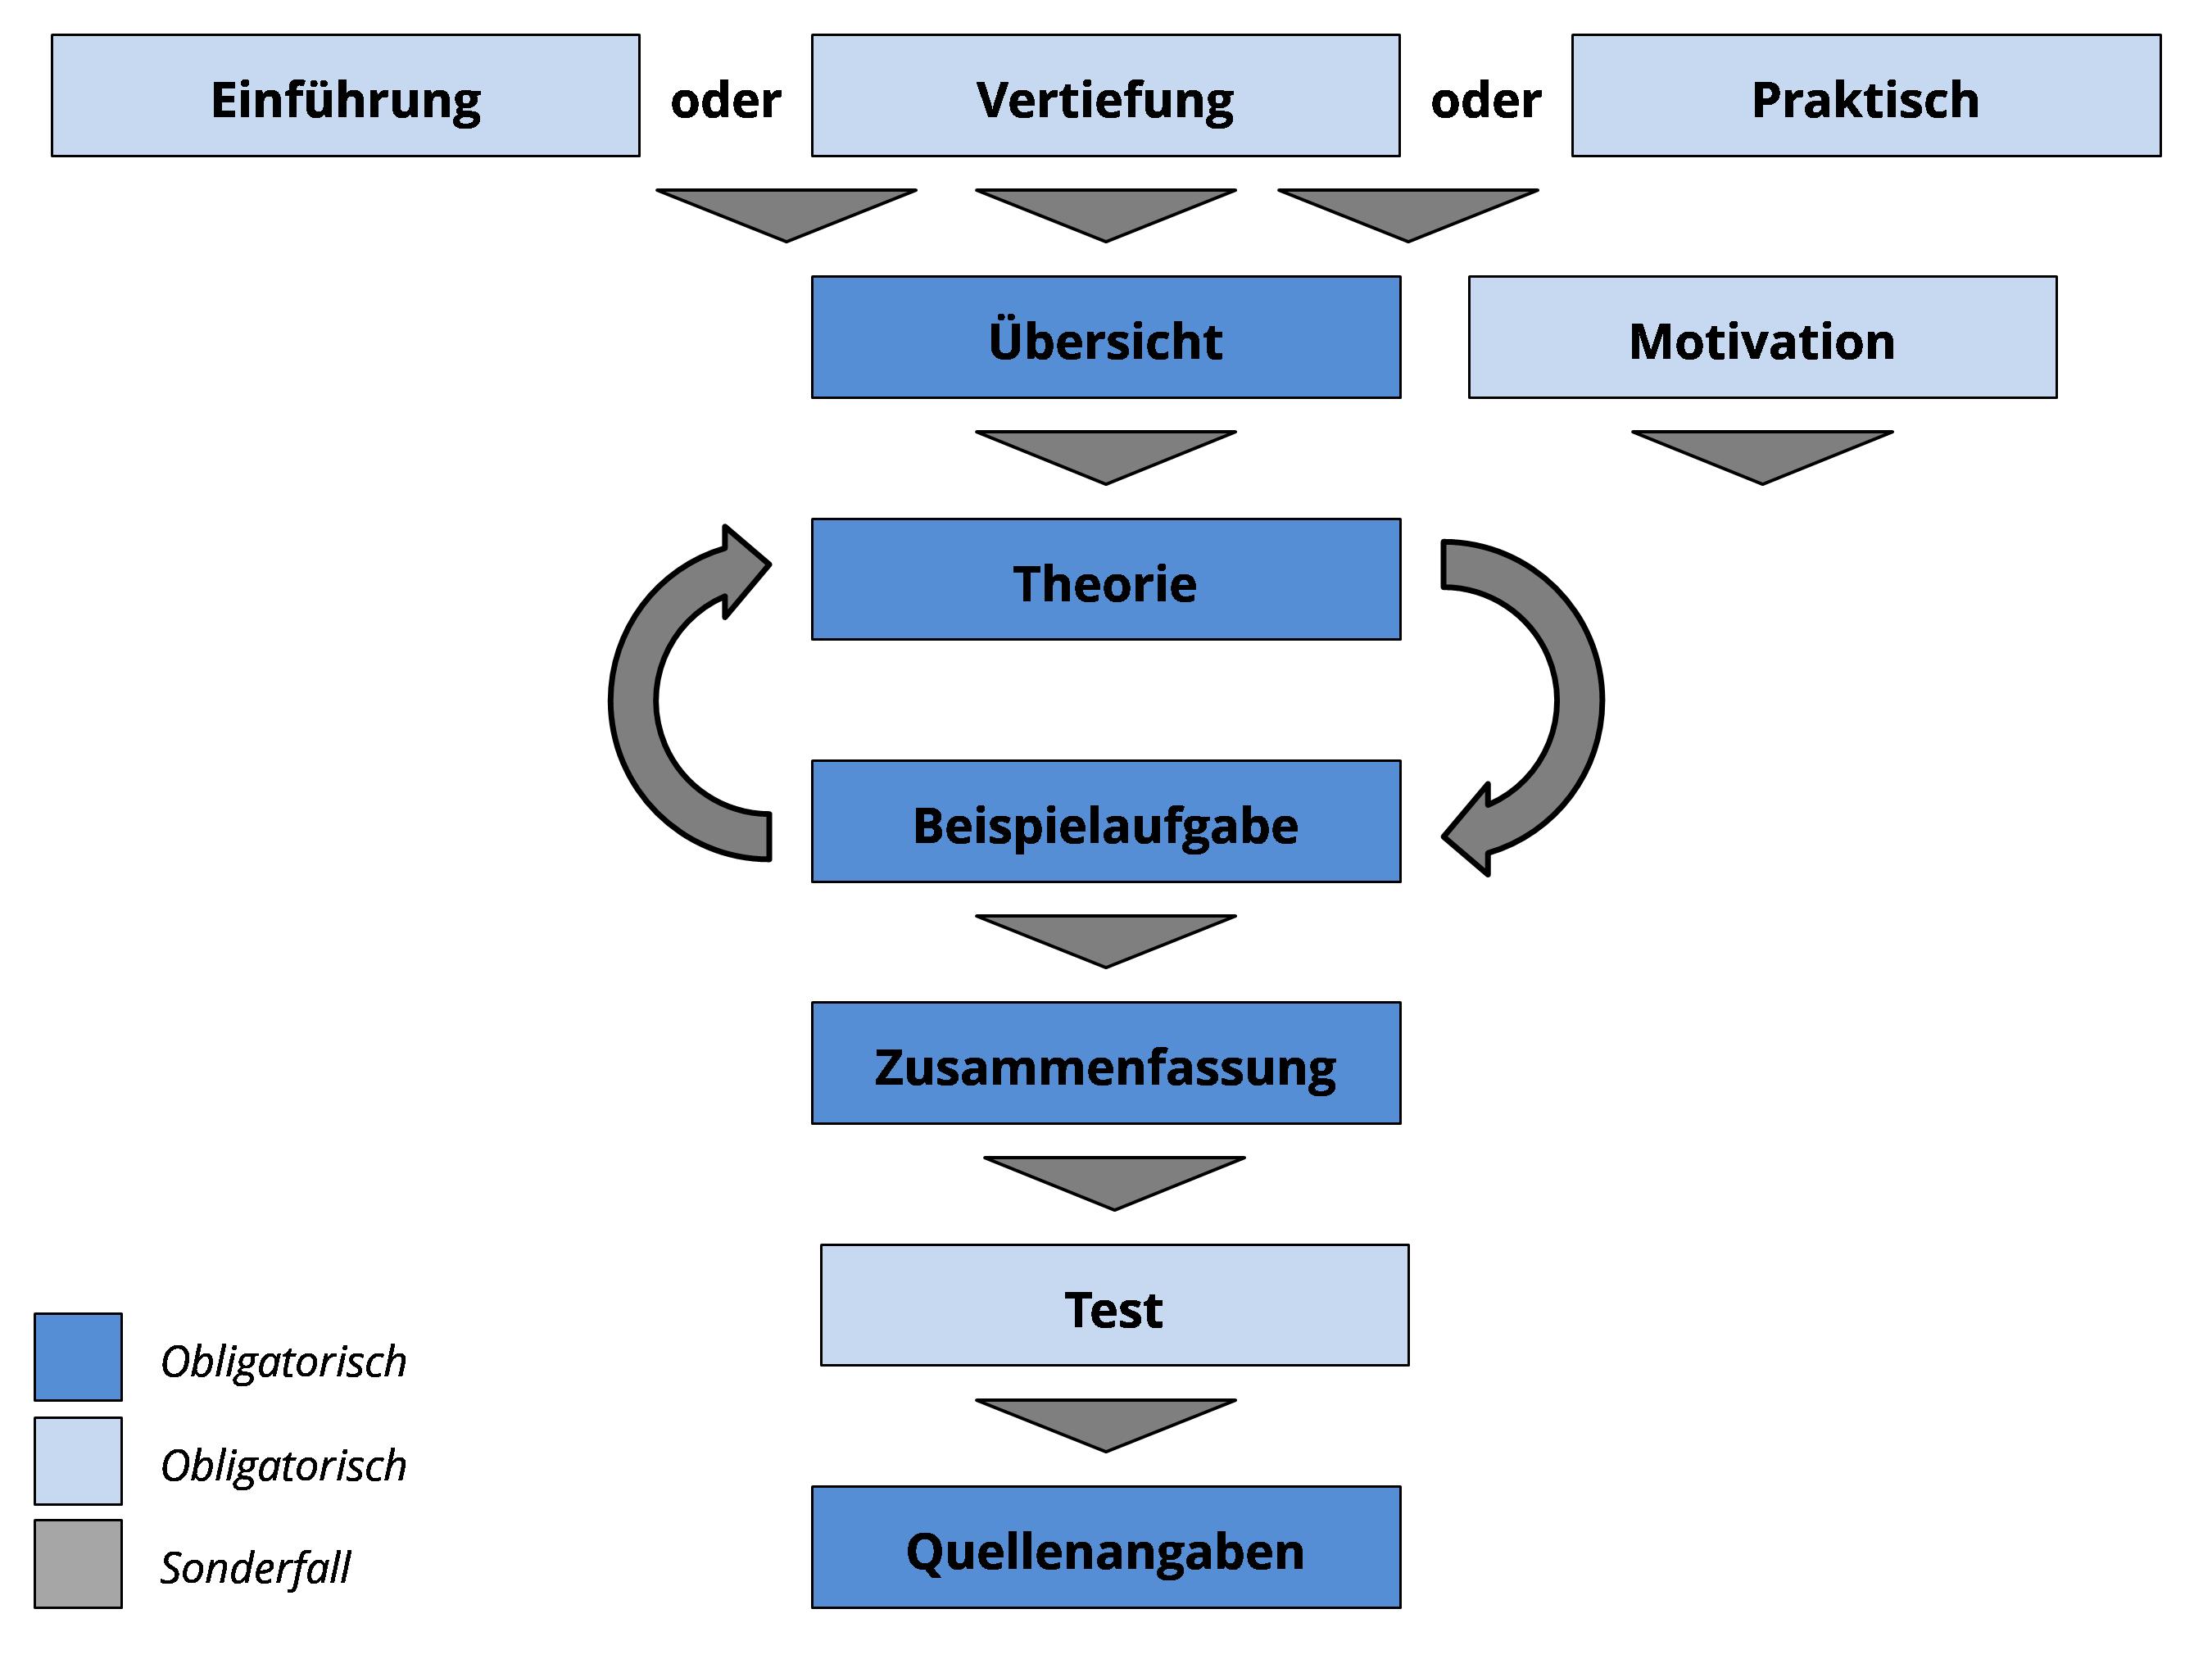 Veranschaulichung der Kursbestandteile